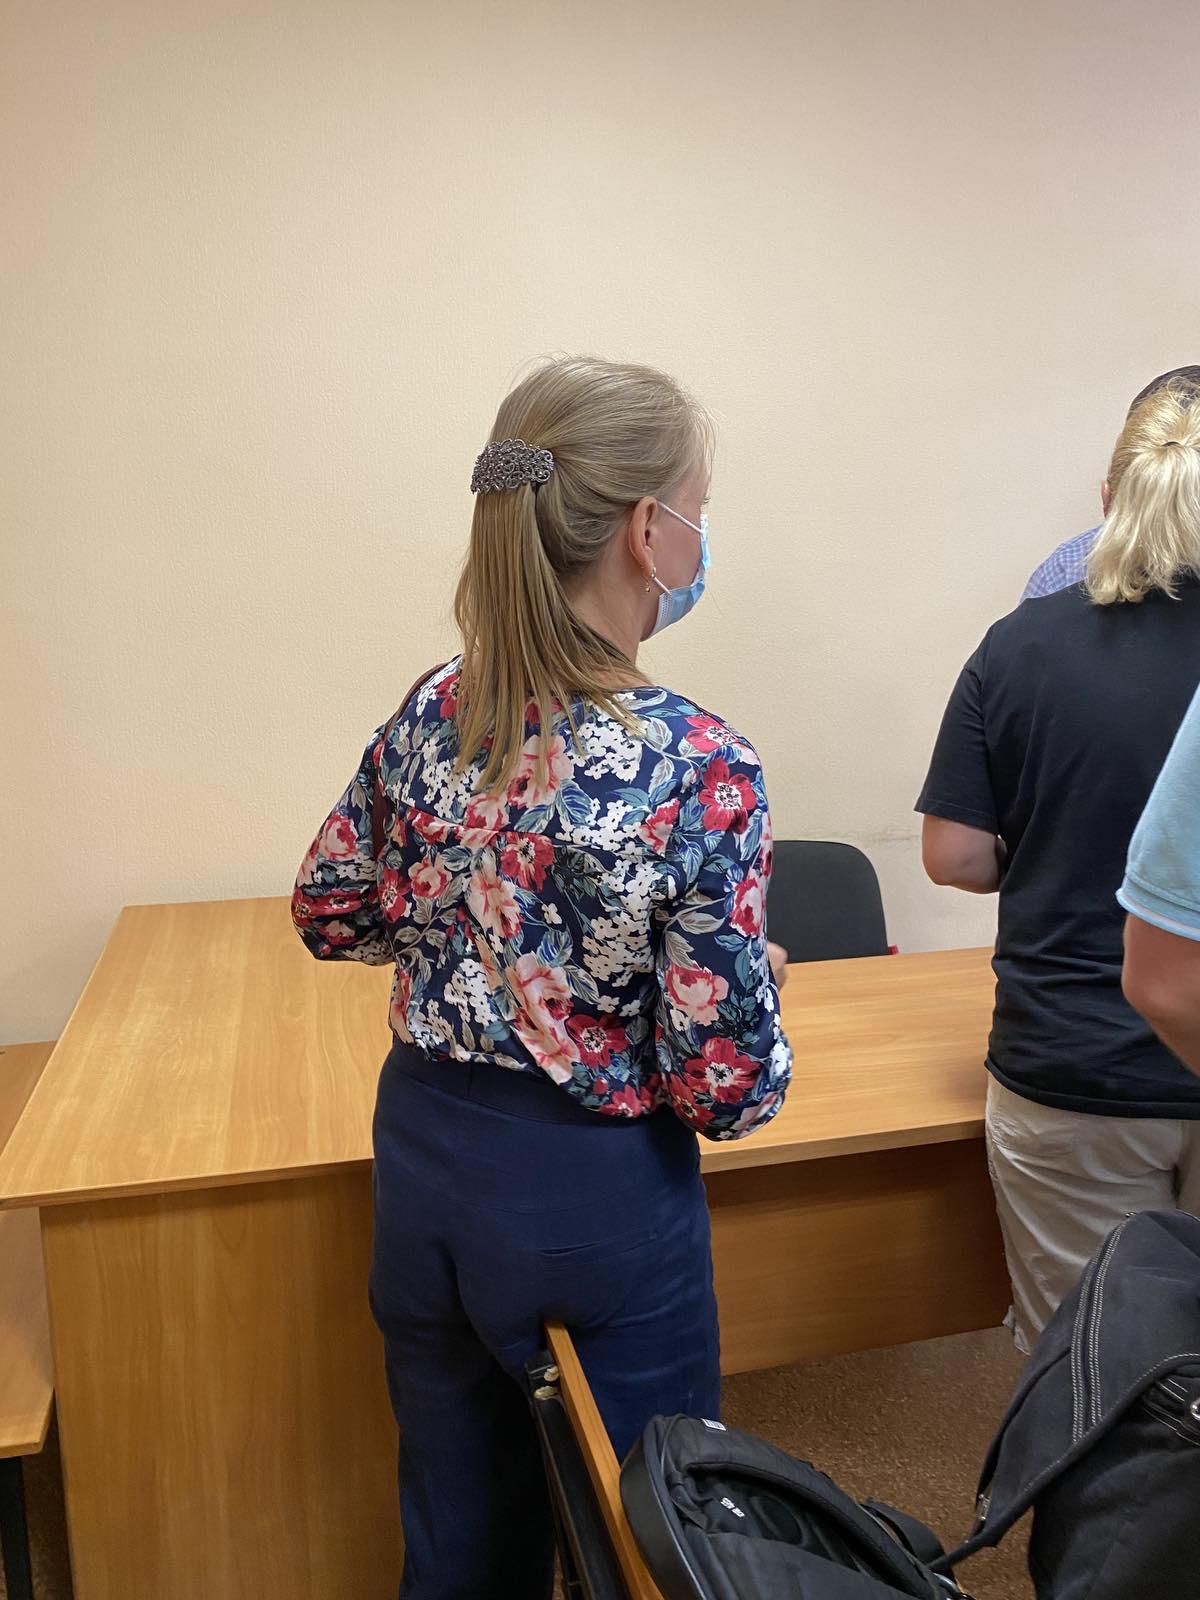 Срочно: В Самаре начался суд по избранию меры пресечения экс-подполковнику, по подозрению в убийстве 15-летней девочки